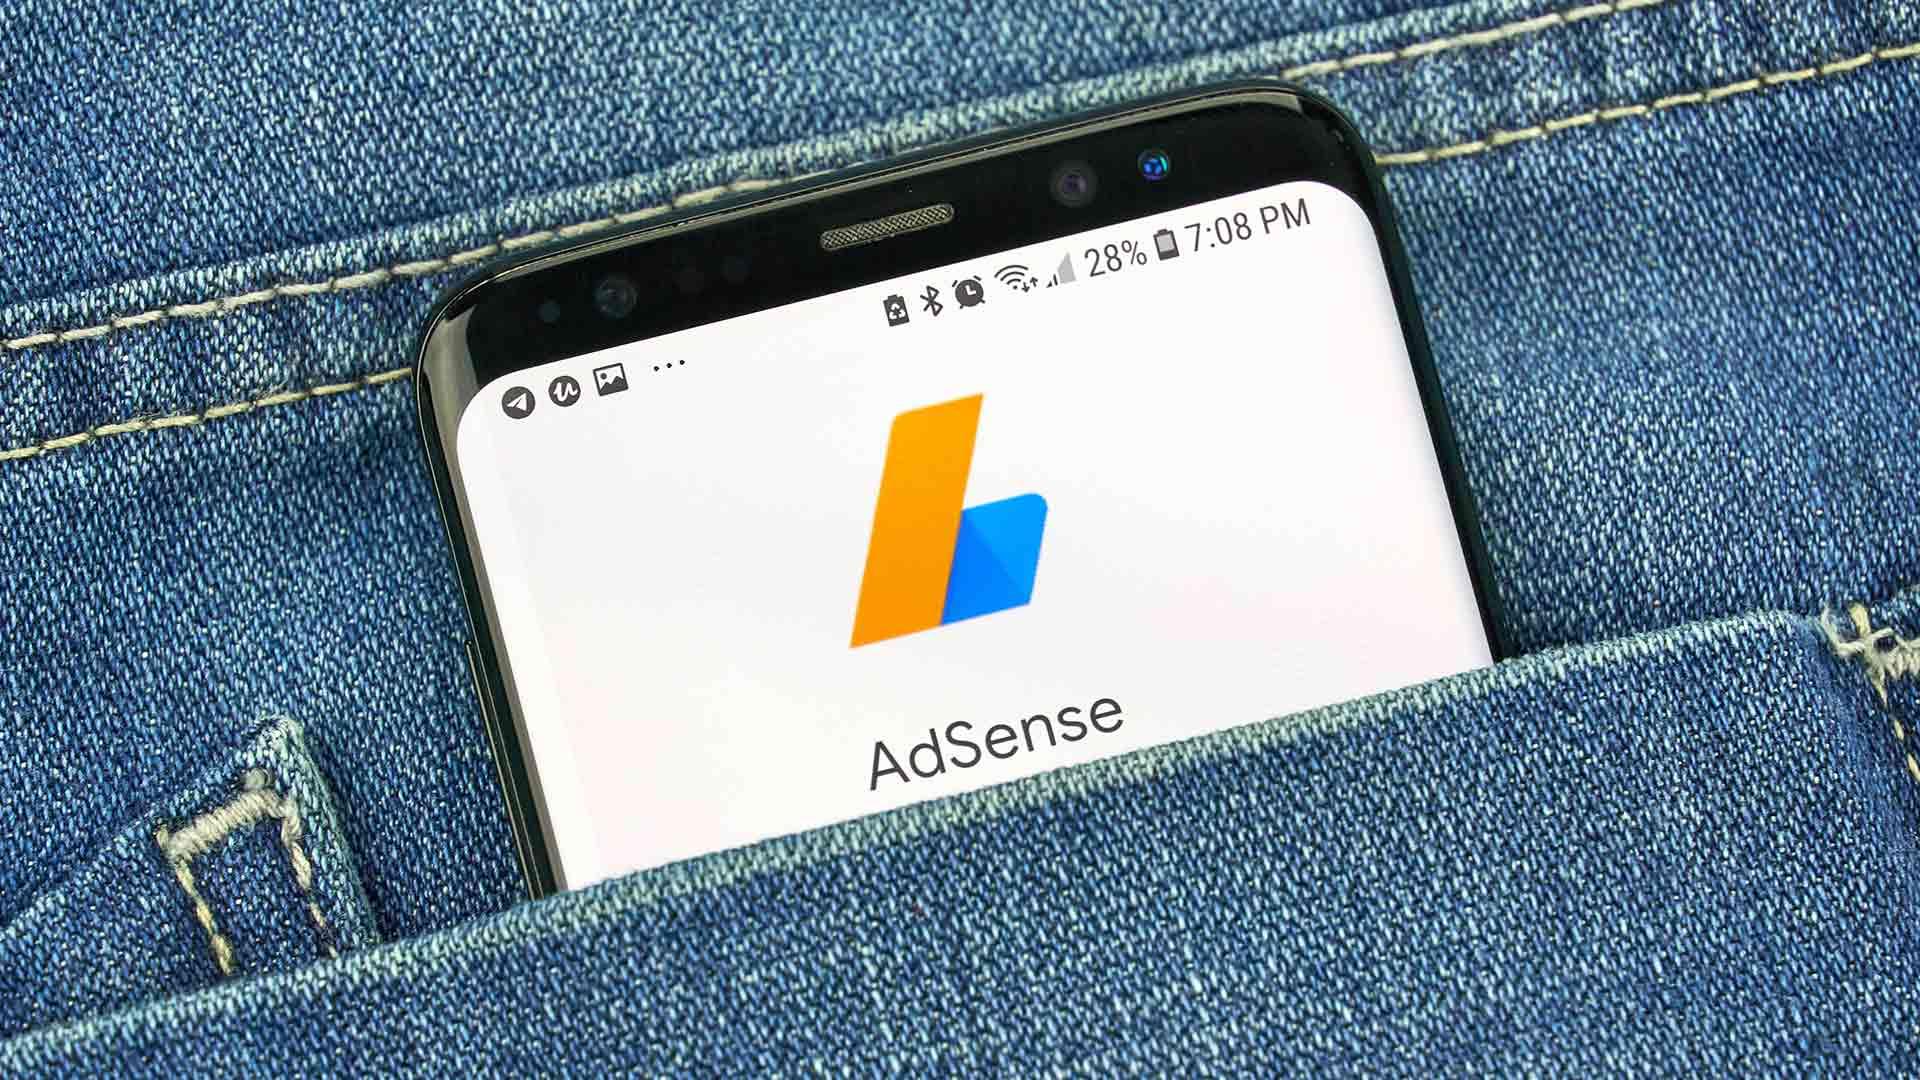 Google AdSense, importanti modifiche alle unità pubblicitarie. Tipi di annunci, esperimenti, codice sincrono si modificano per sicurezza e flessibilità.